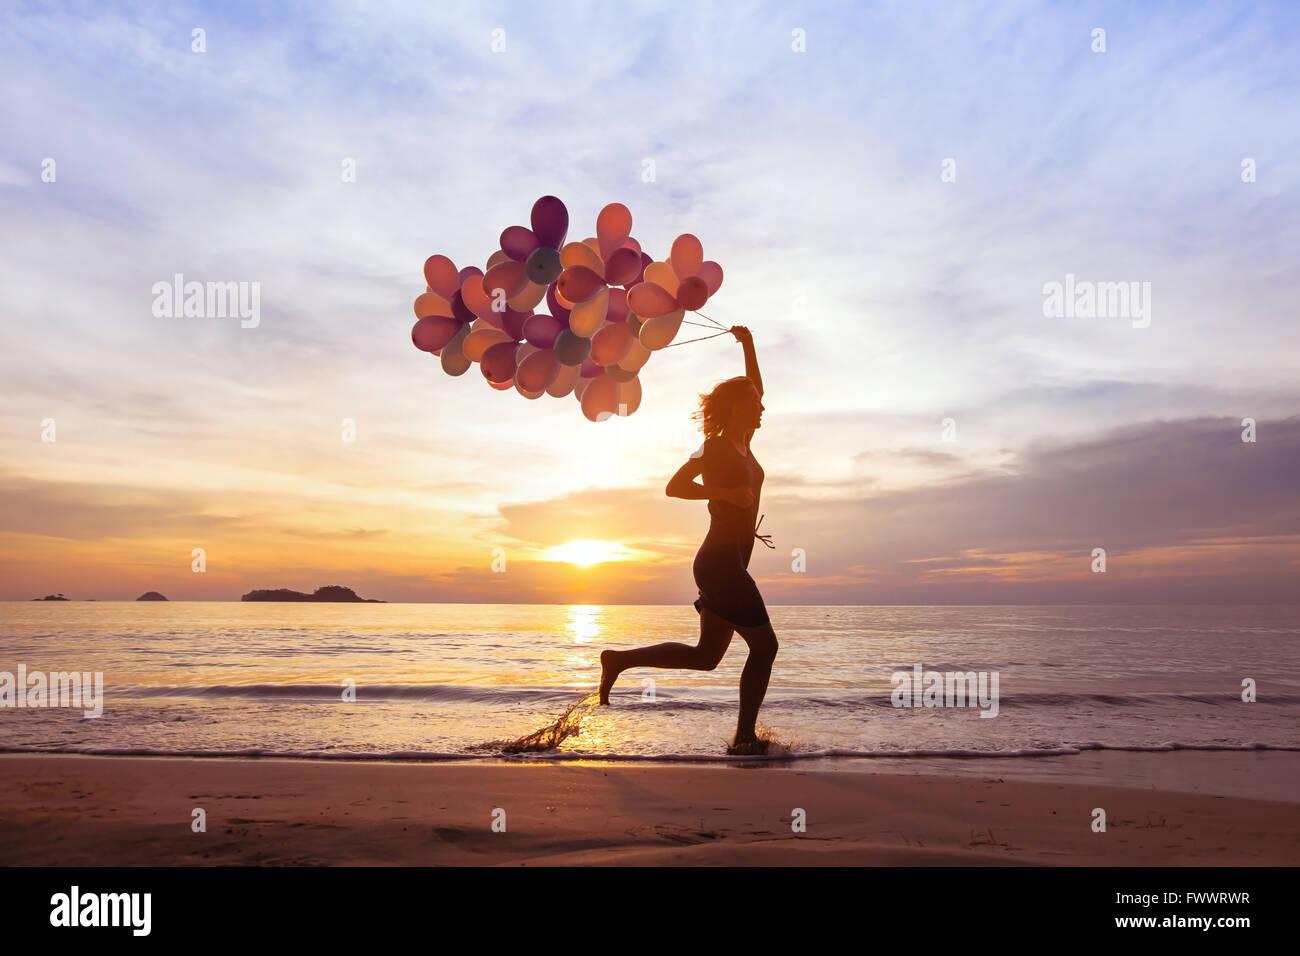 Concept de bonheur, la psychologie des gens heureux, young woman running avec ballons multicolores sur la plage Photo Stock